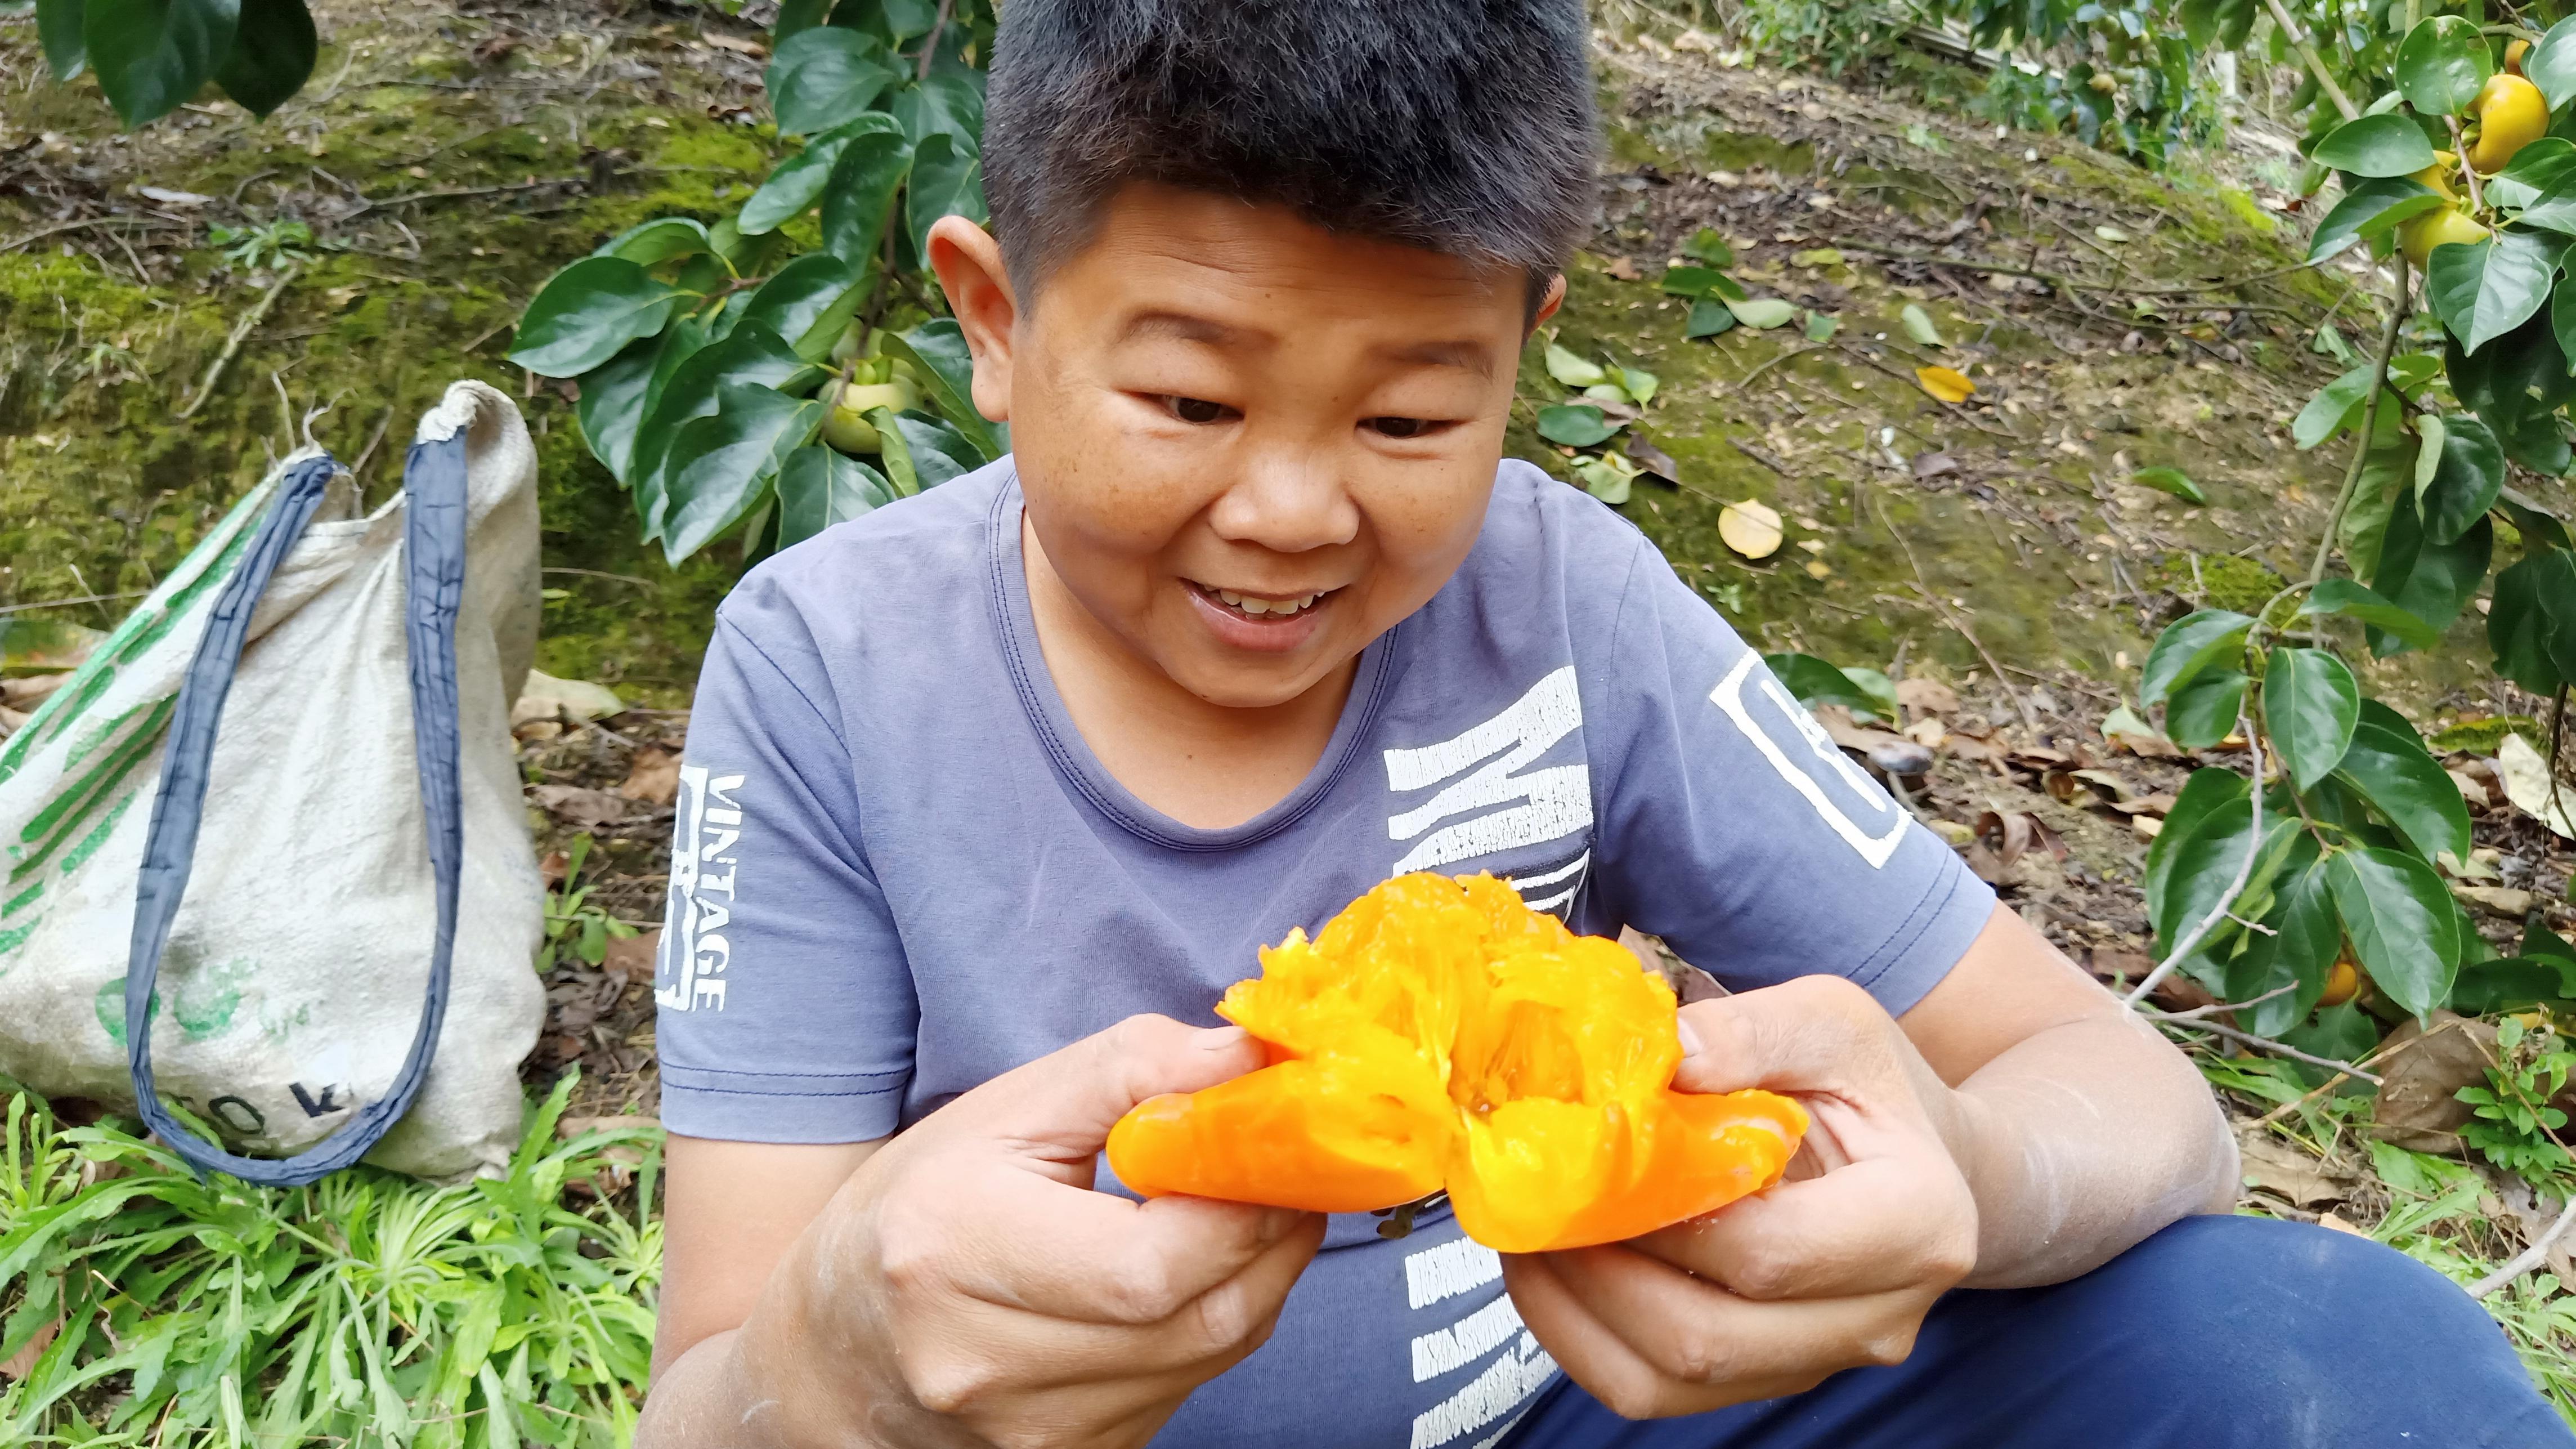 看见树上红橙橙的柿子,吃货小六又馋不住嘴了,掰开就来一口